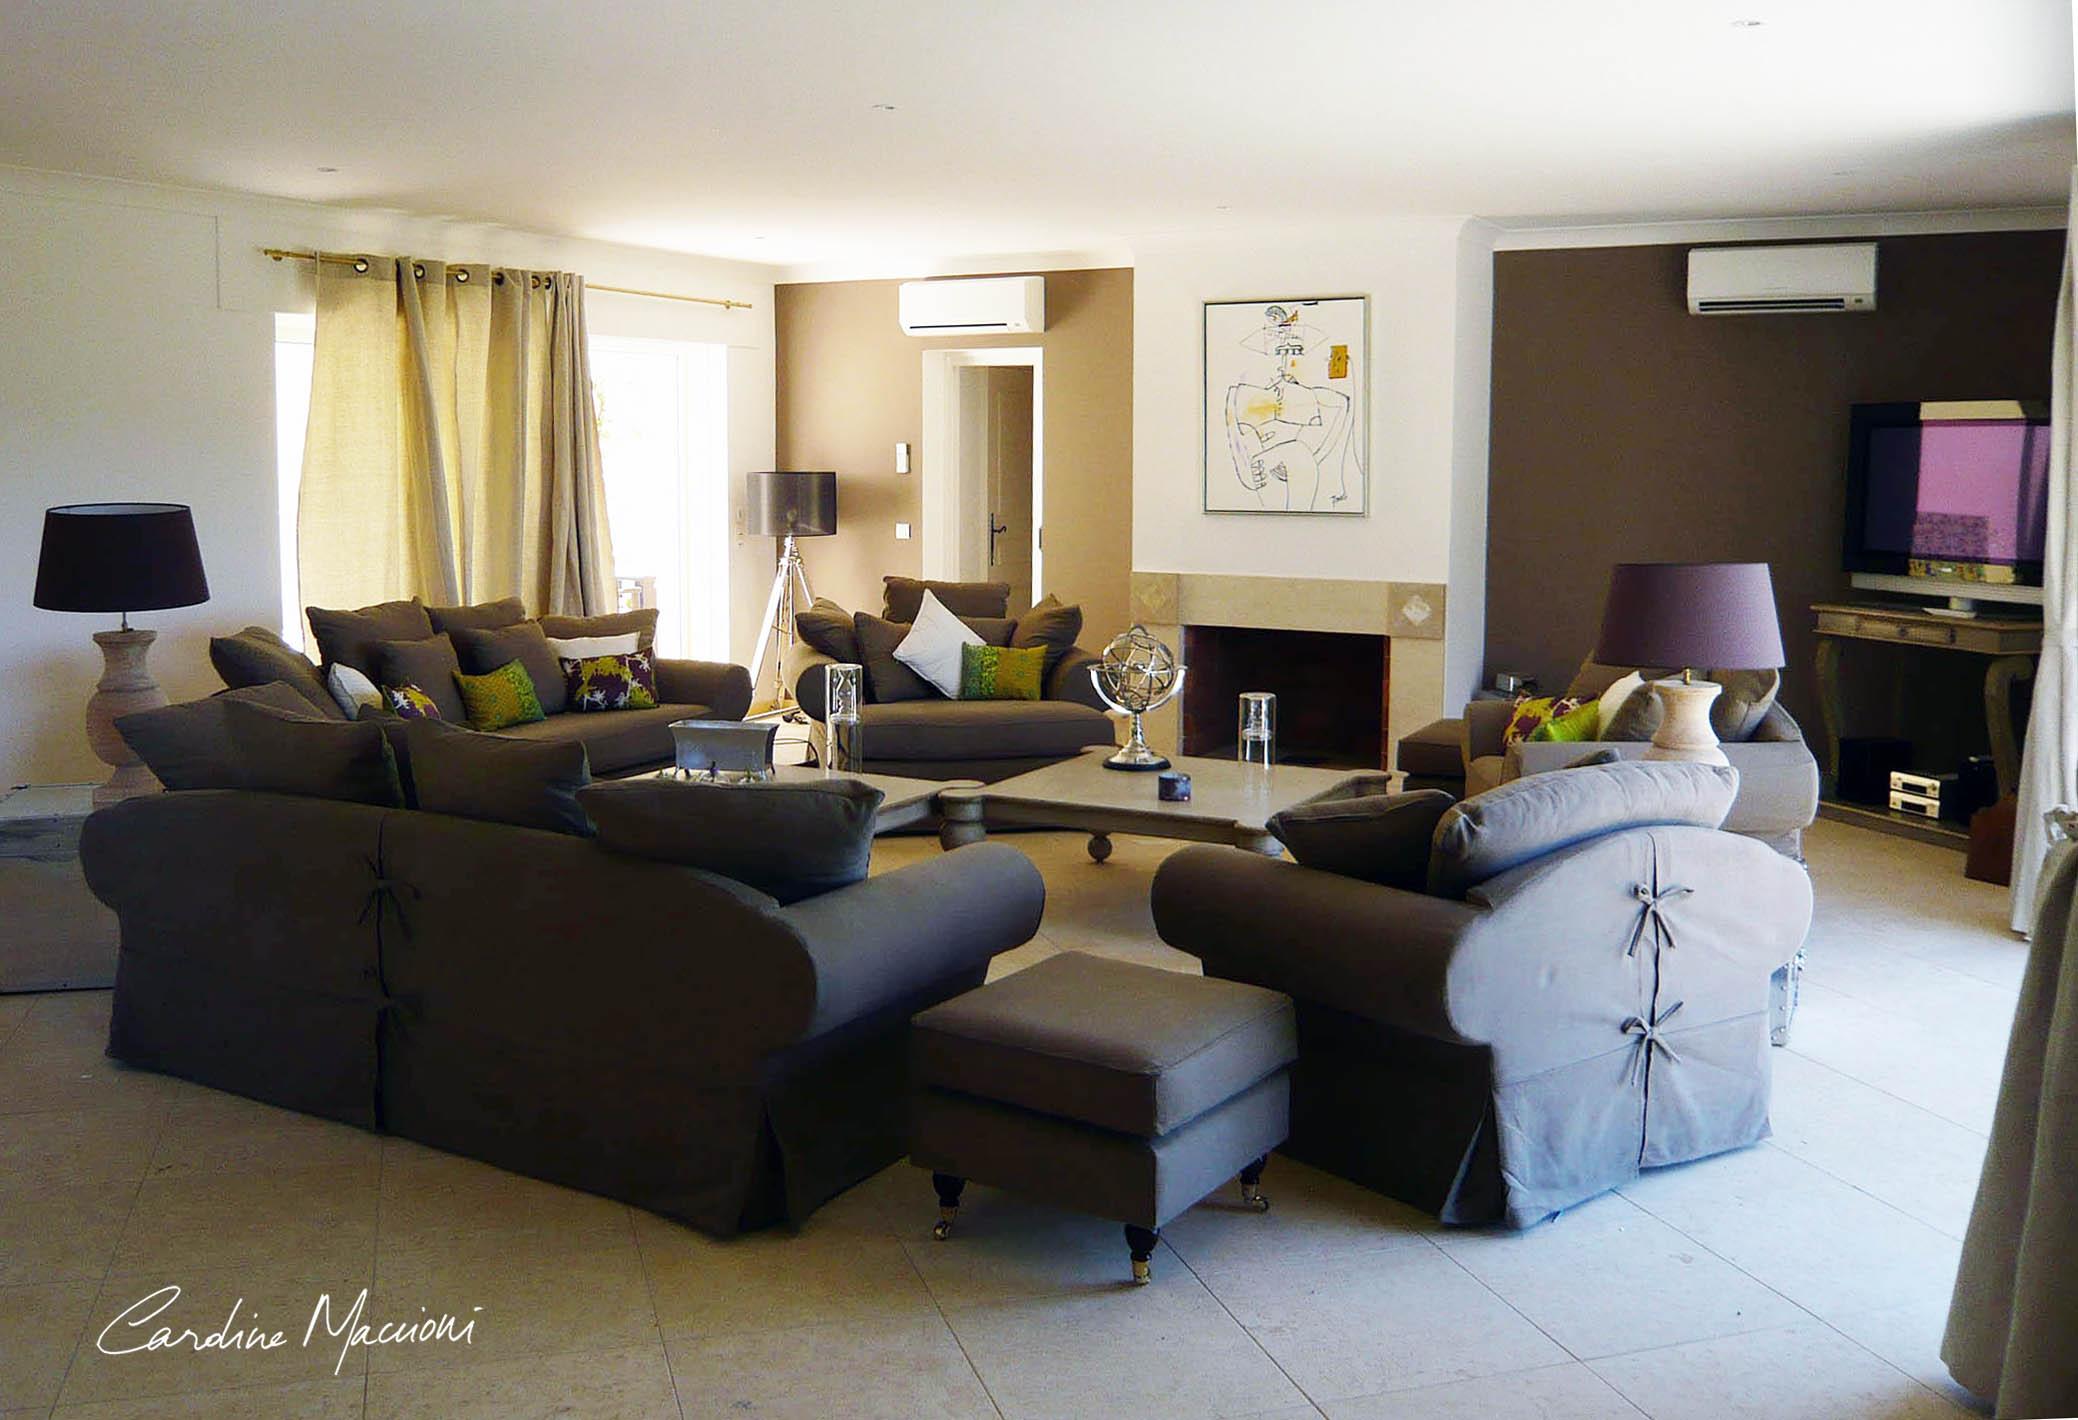 Decoration D Interieur Et Design Produit Villa De Luxe Plan De La Tour Hauts De Saint Tropez 83 Caroline Maccioni Designer Decoration D Interieur Coaching Shopping